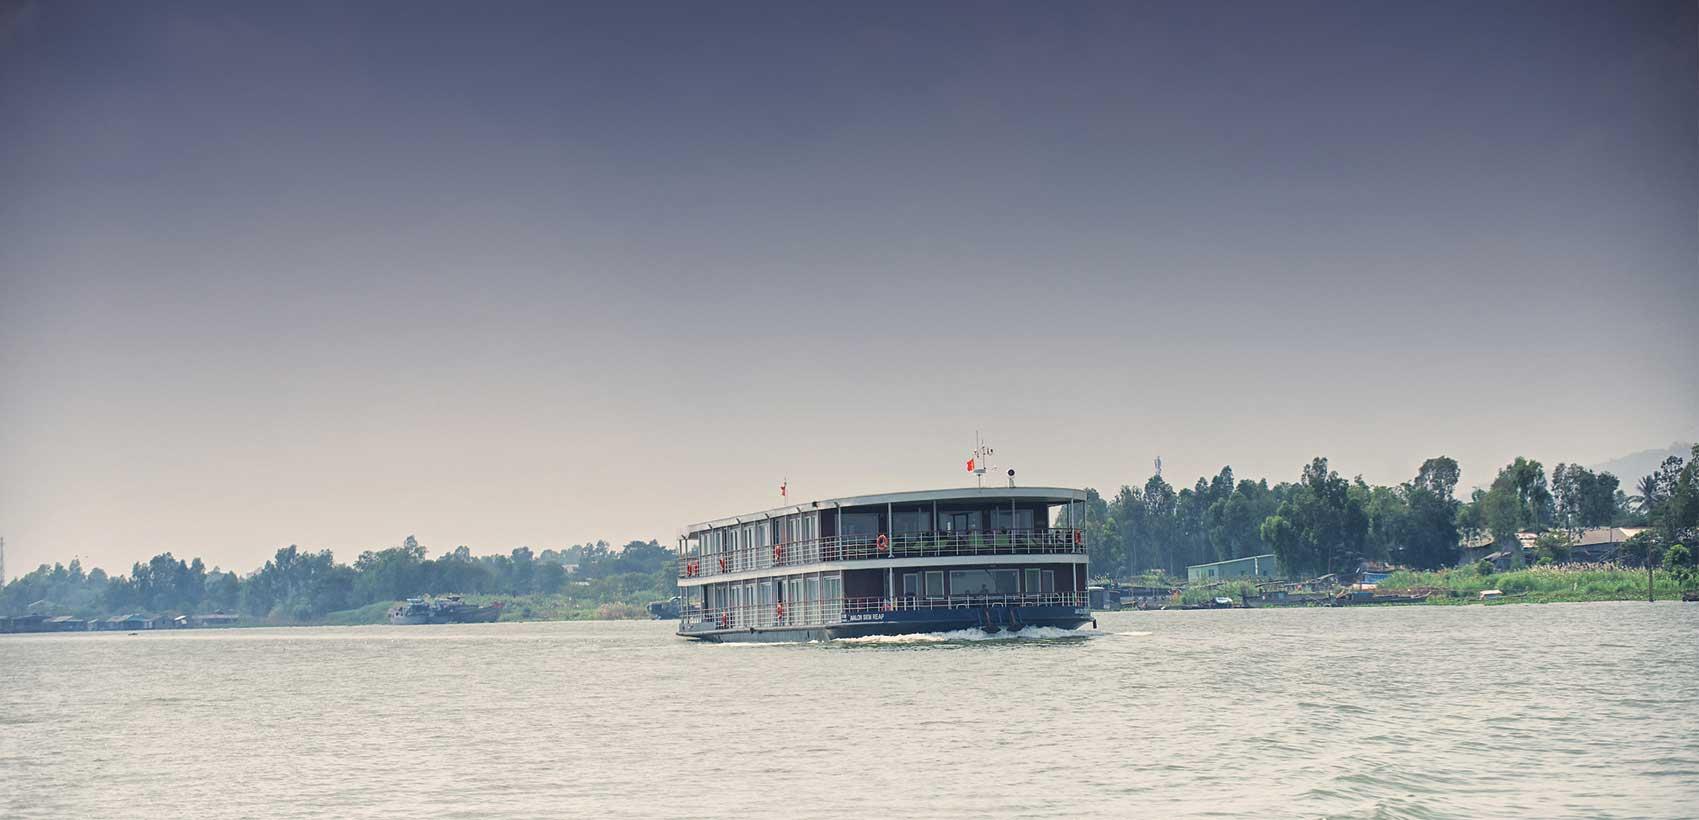 Savings to Asia with Avalon Waterways